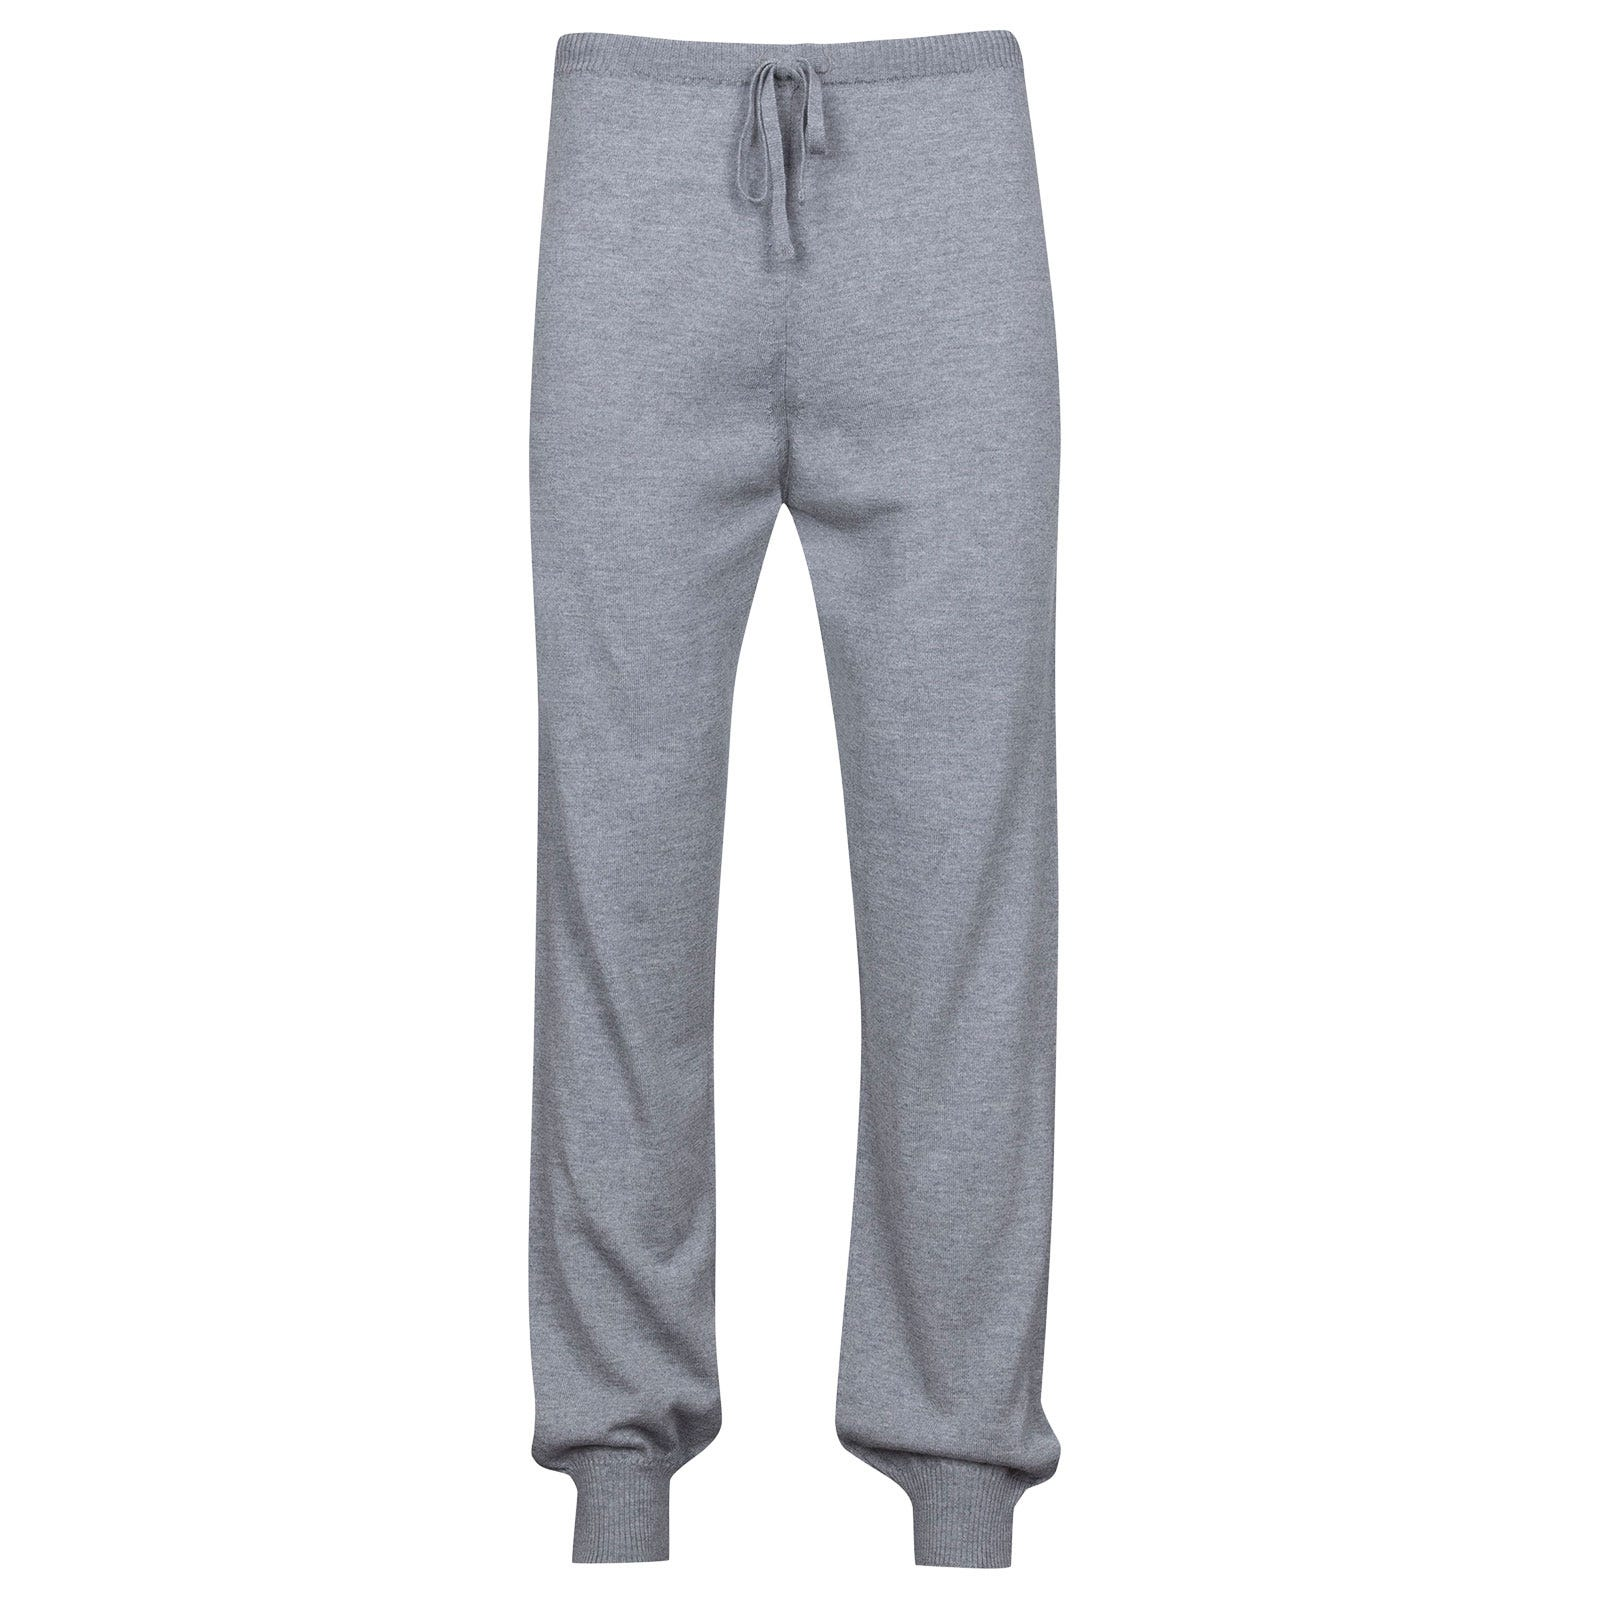 John Smedley Lock Merino Wool Trouser in Silver-XXL